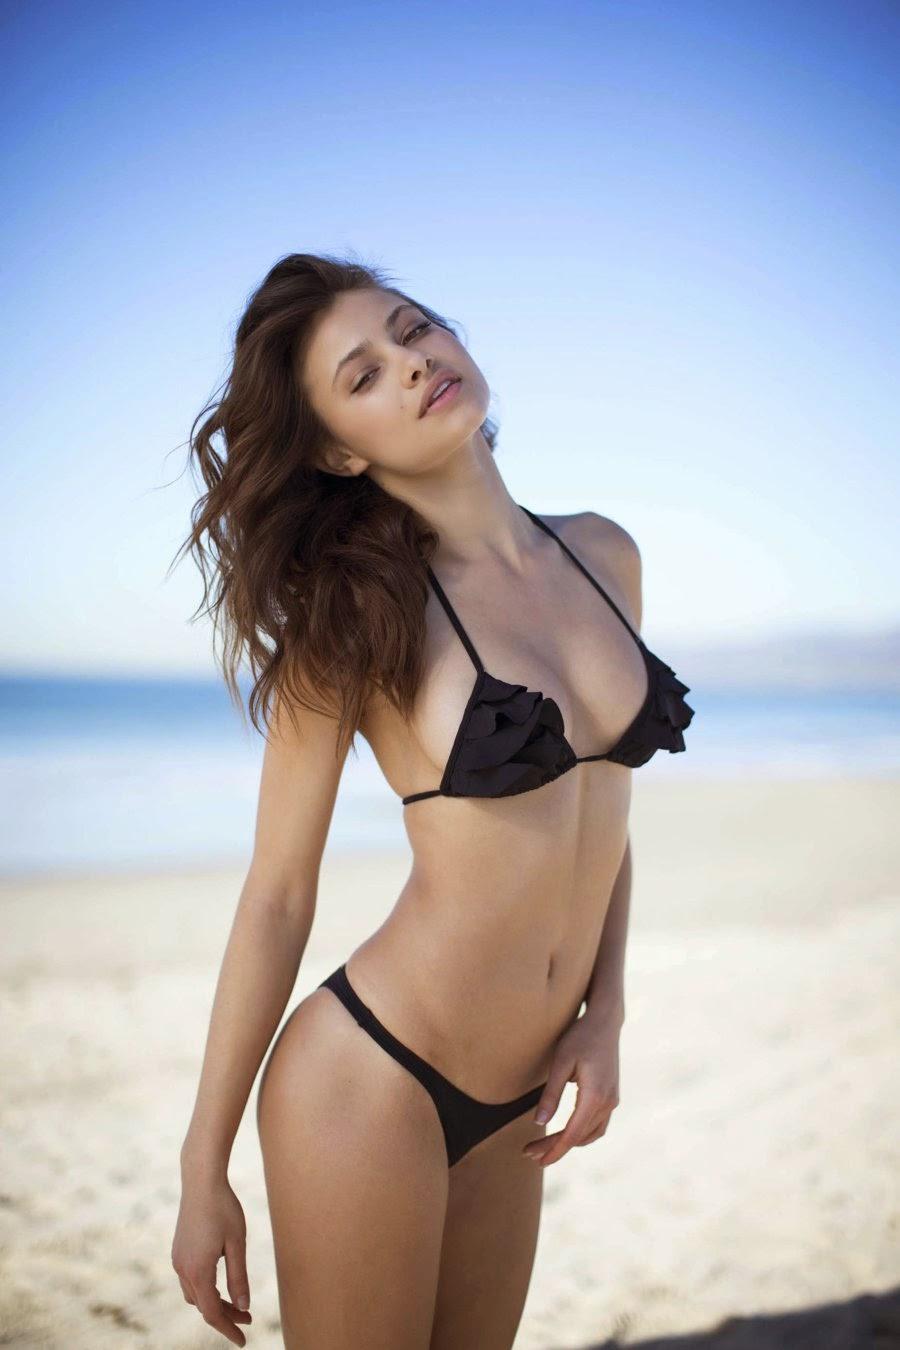 Yara Khmidan nice bikini pics